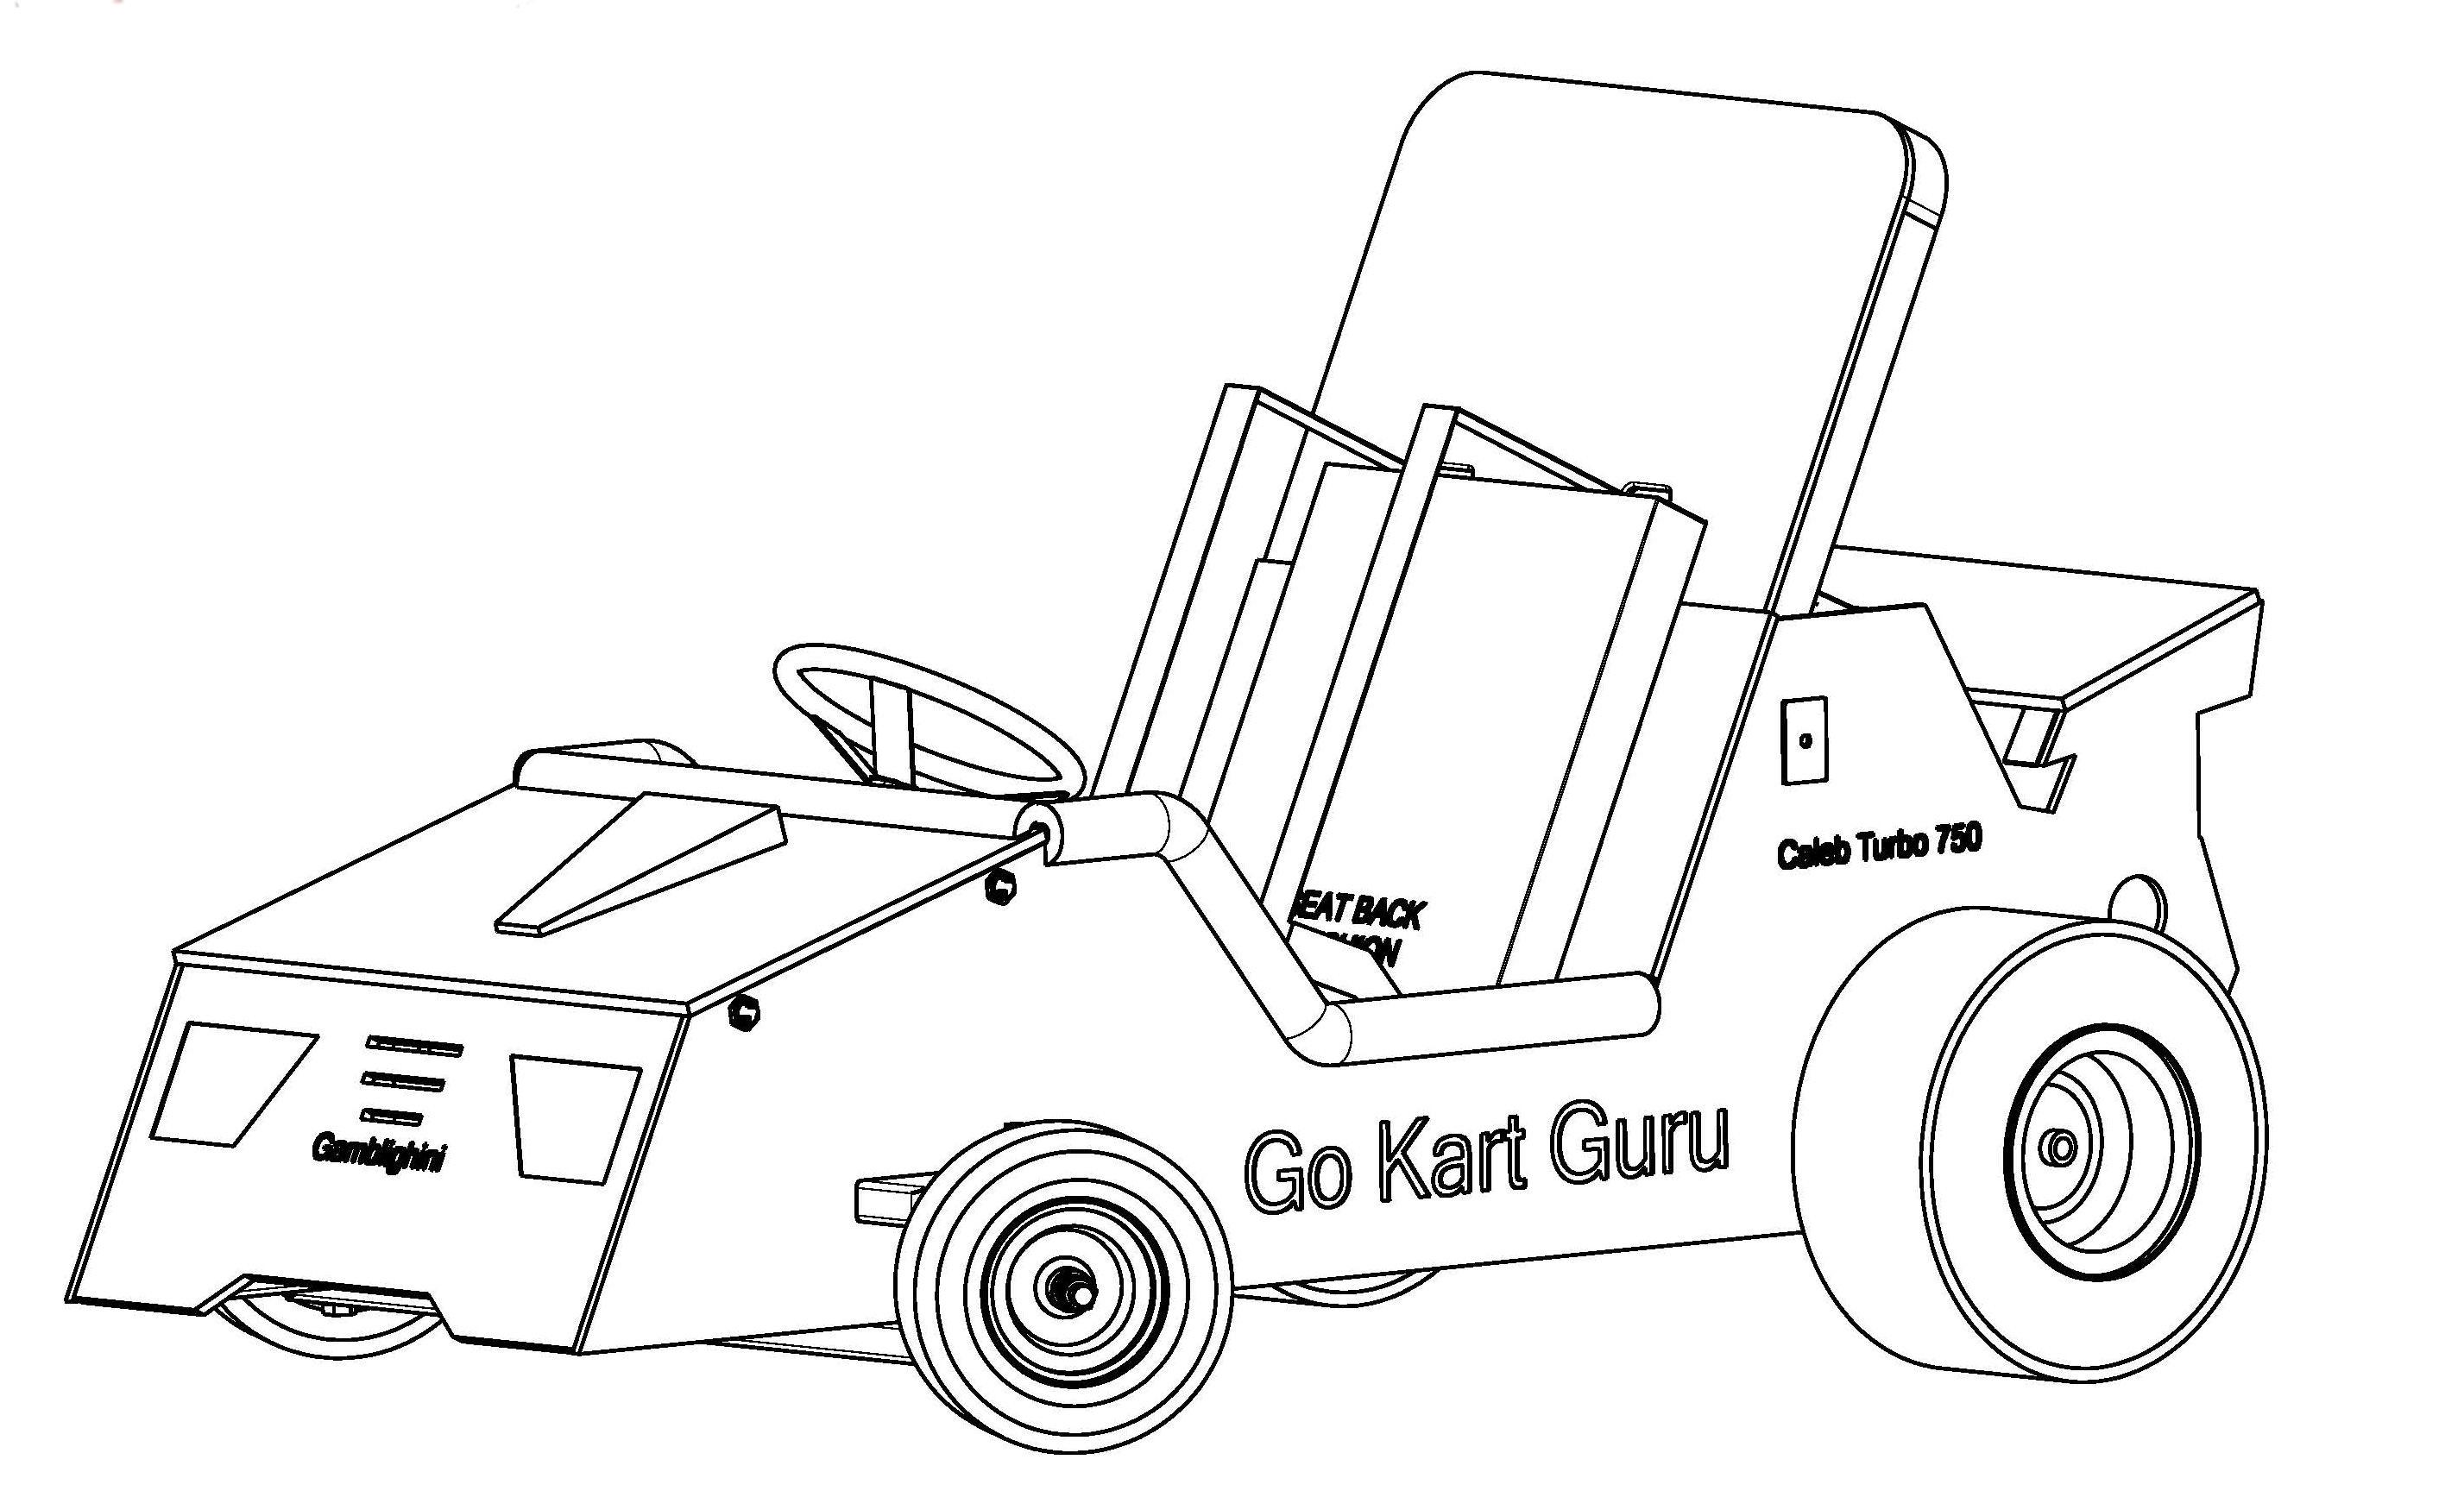 Go Kart Guru